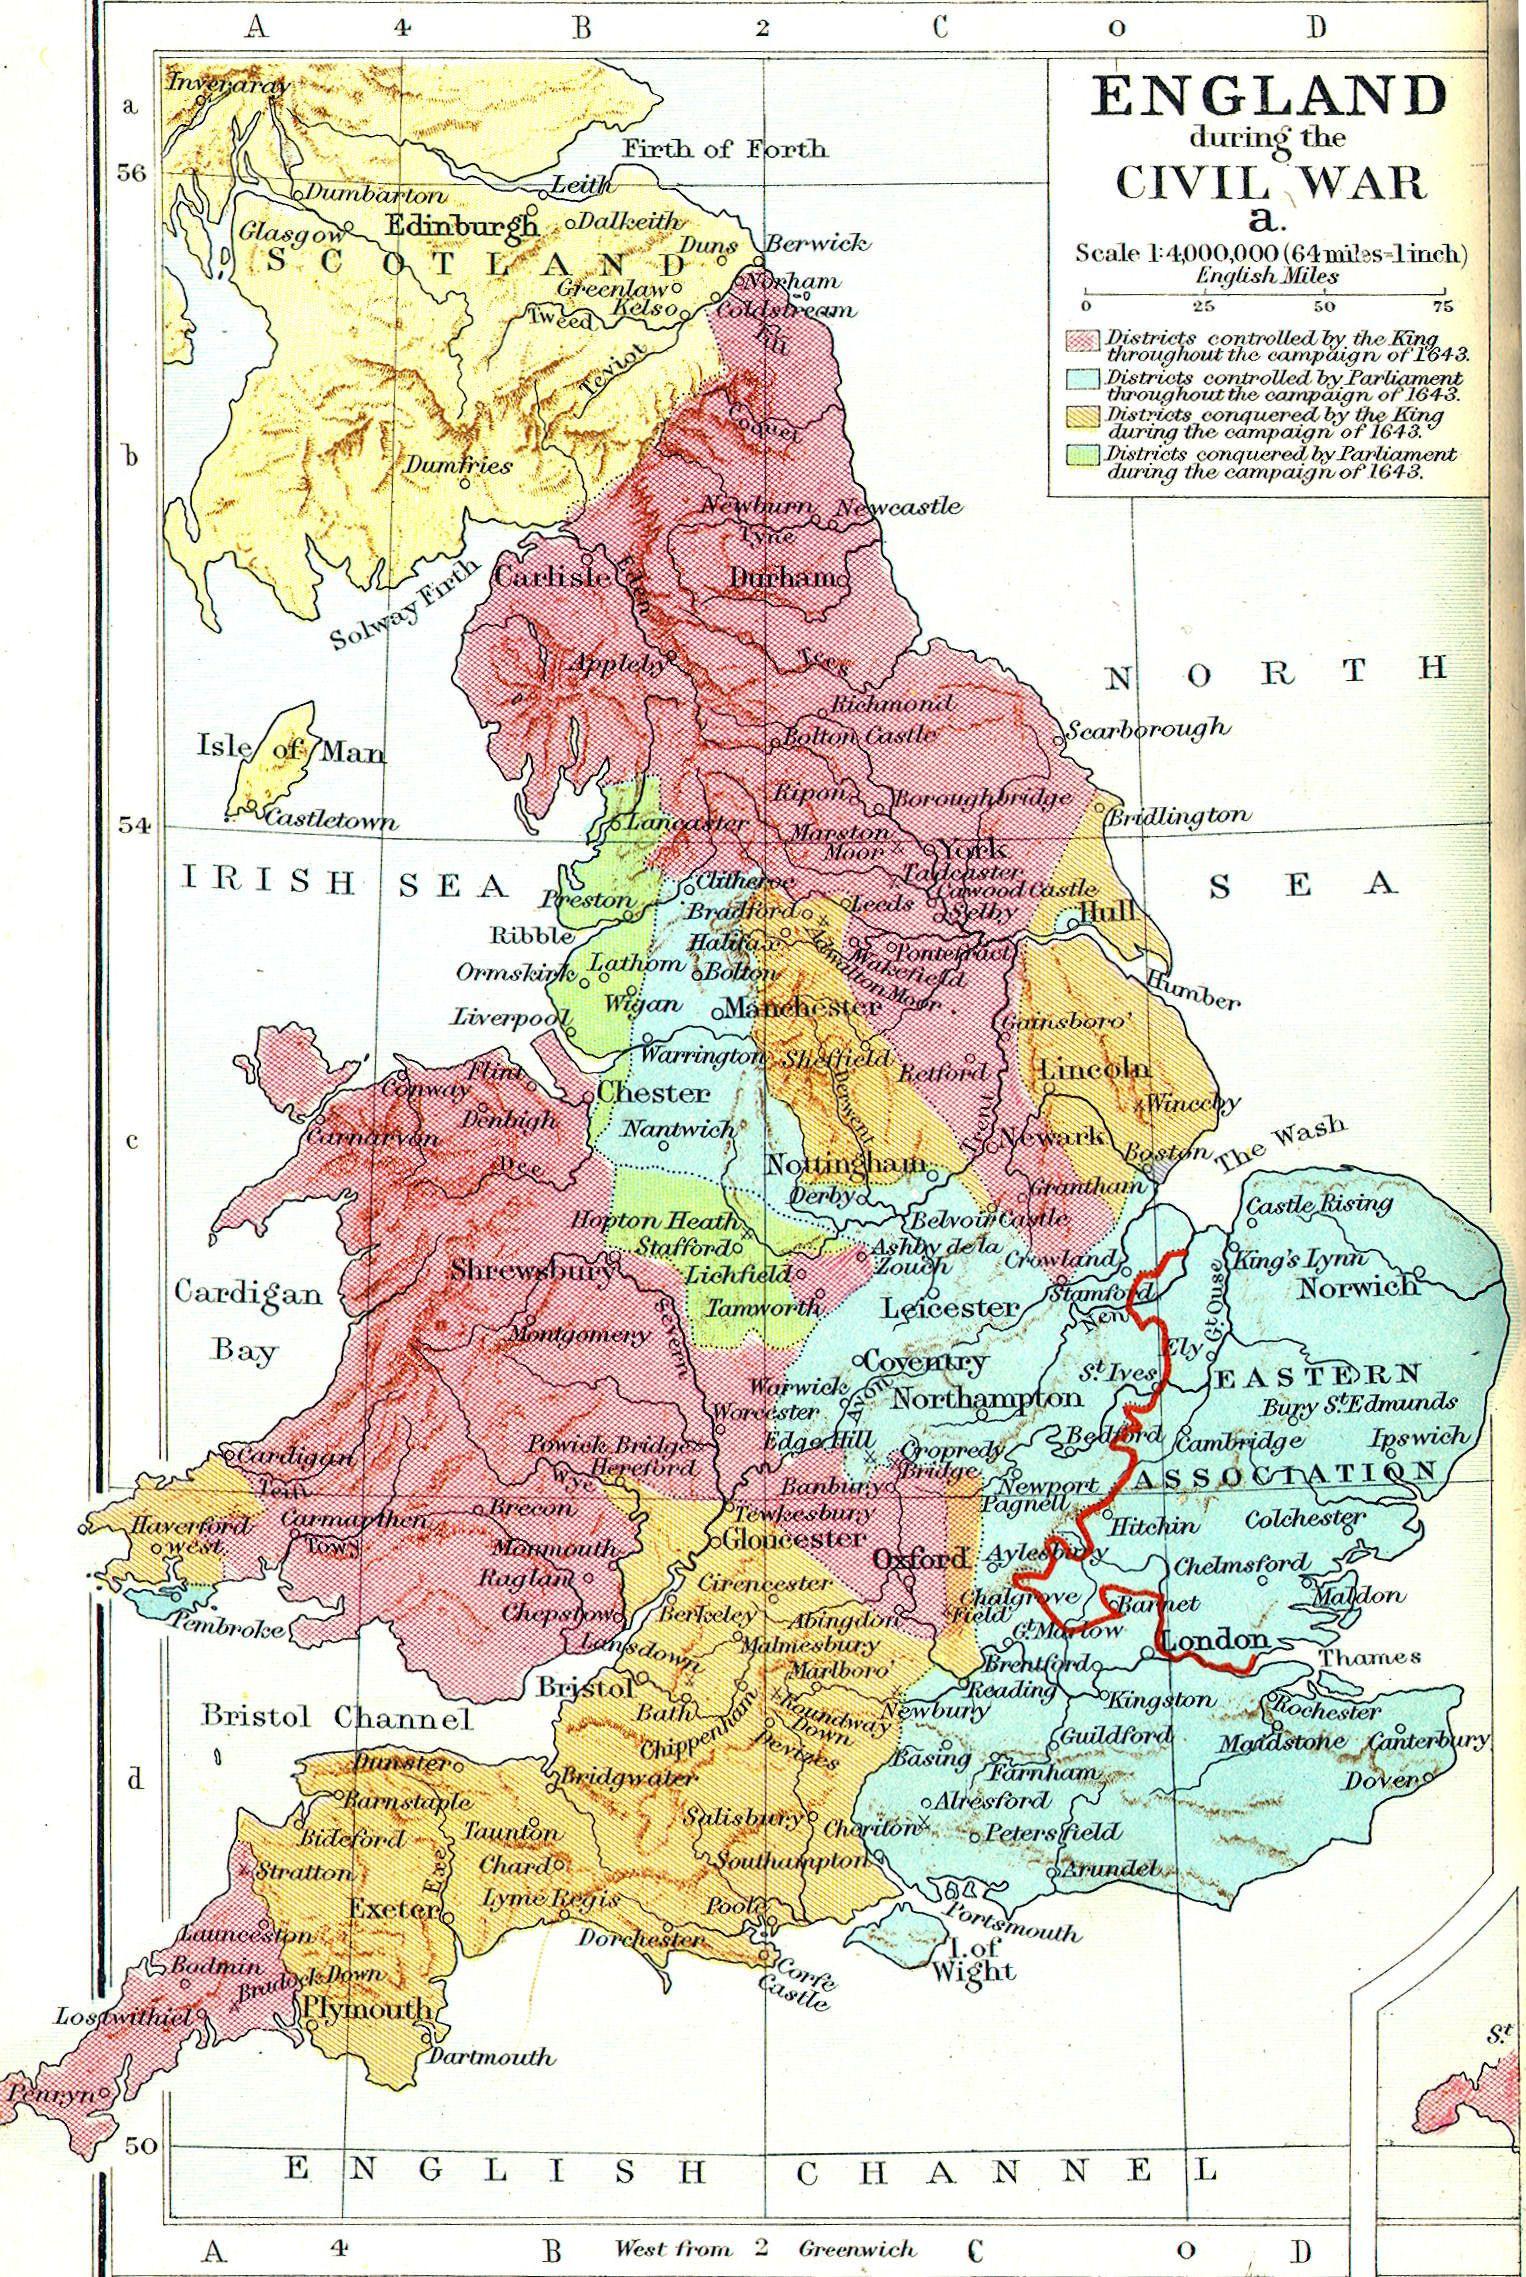 Civil War Map Worksheet England During the English Civil War